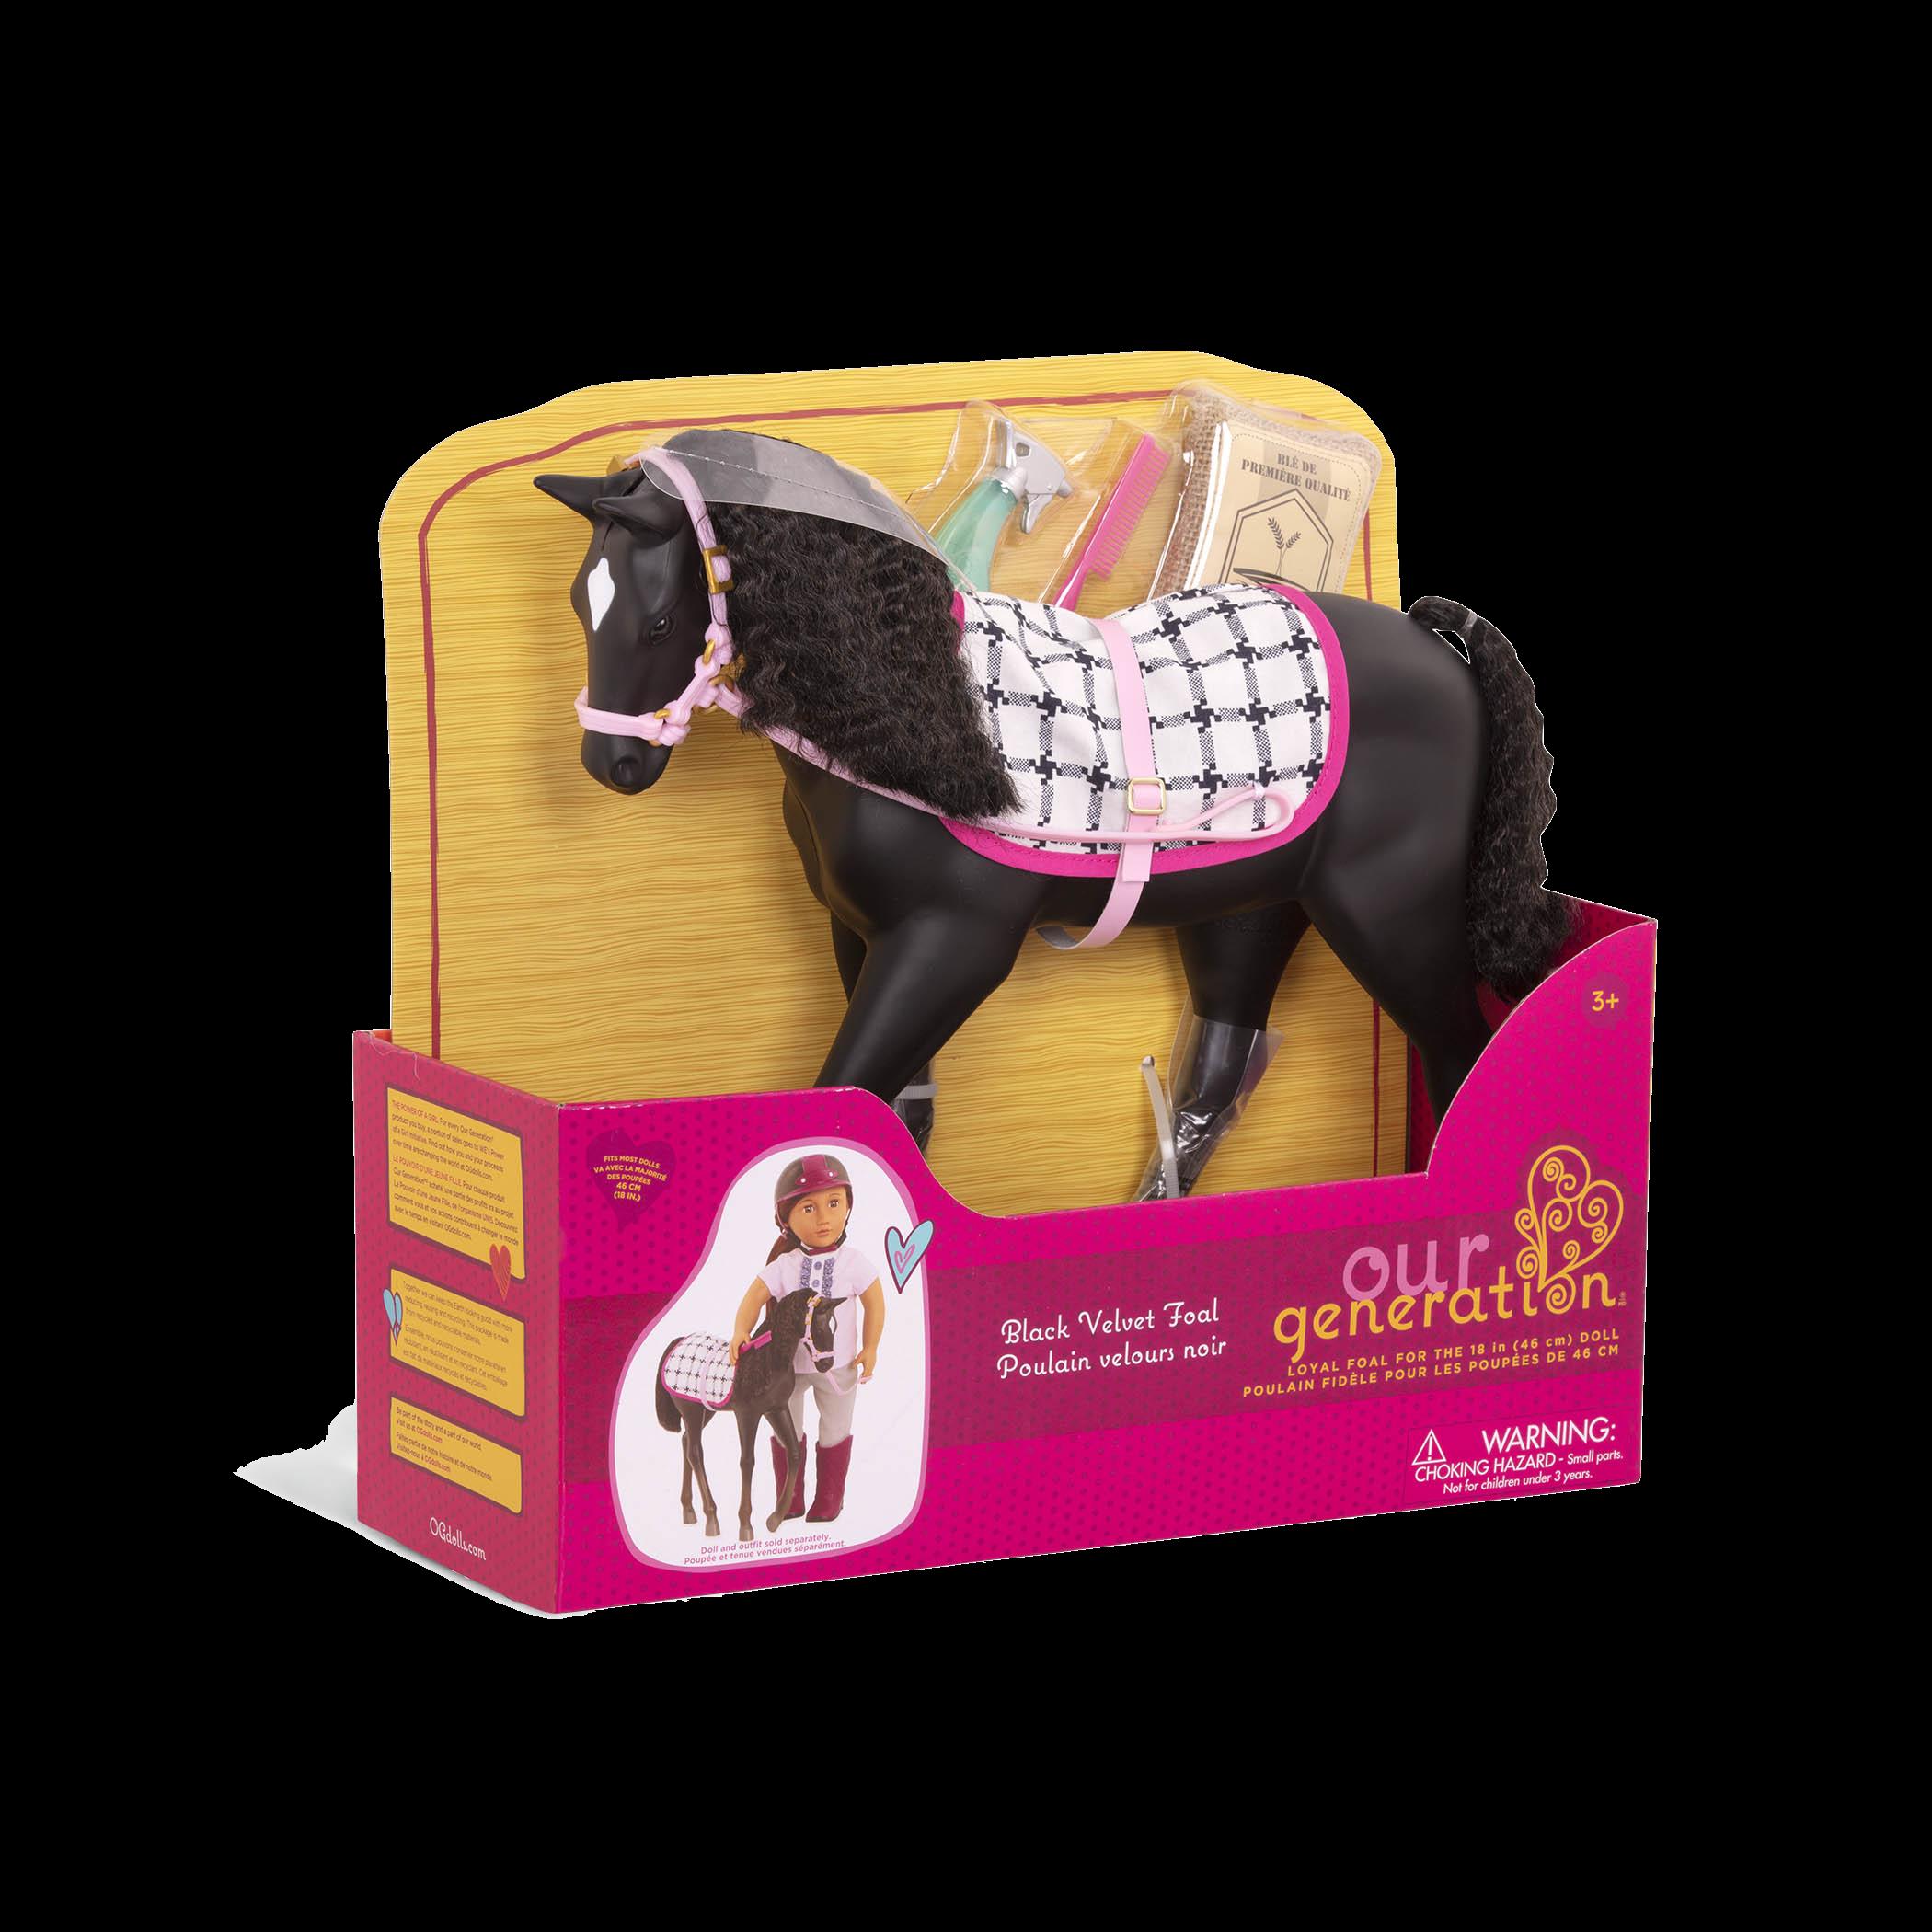 Black Velvet Foal package03